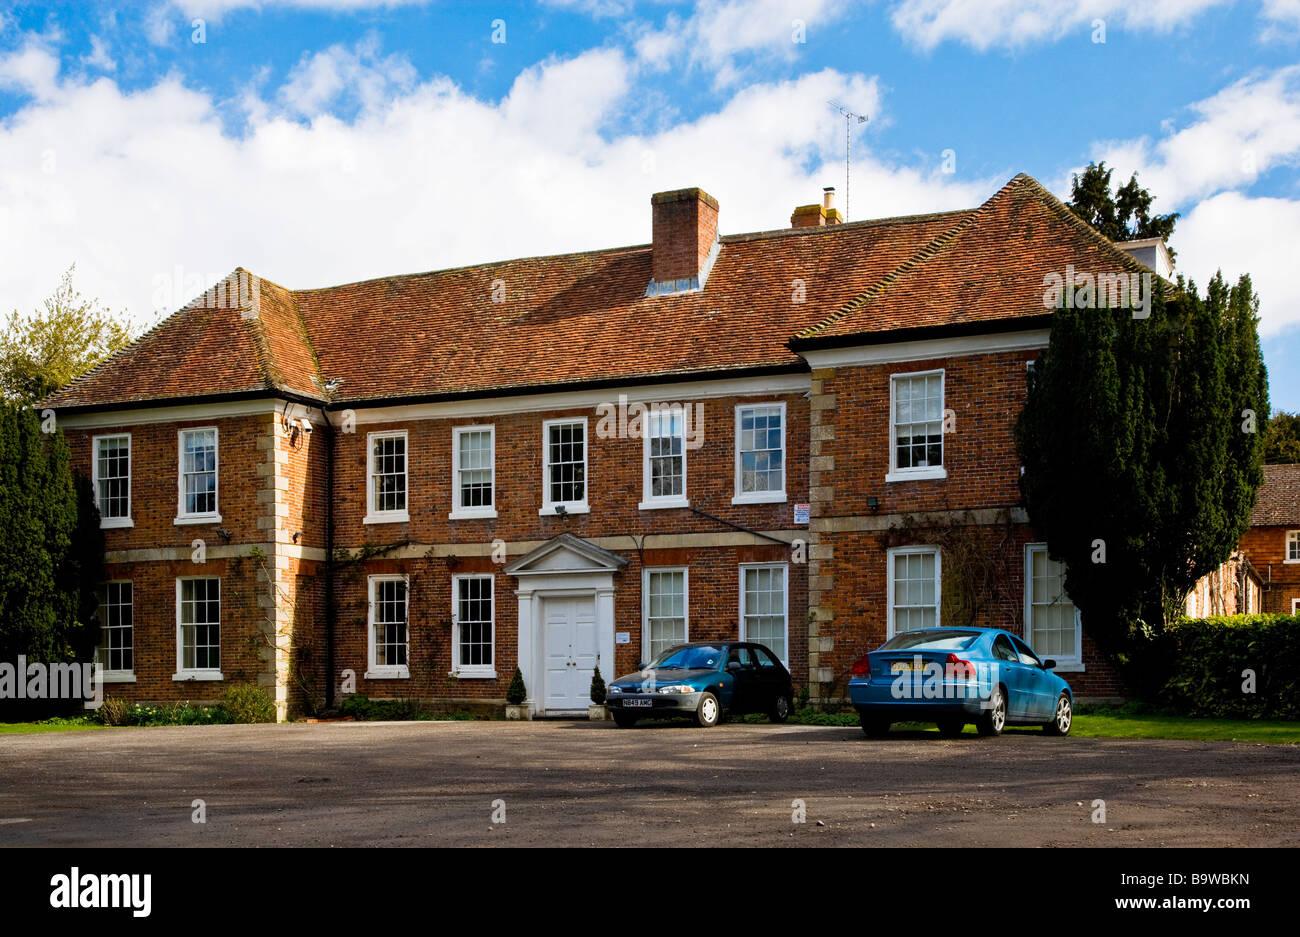 Das alte Pfarrhaus ein schönes Beispiel der georgischen Architektur in der englischen Dorf Pewsey in Wiltshire Stockbild